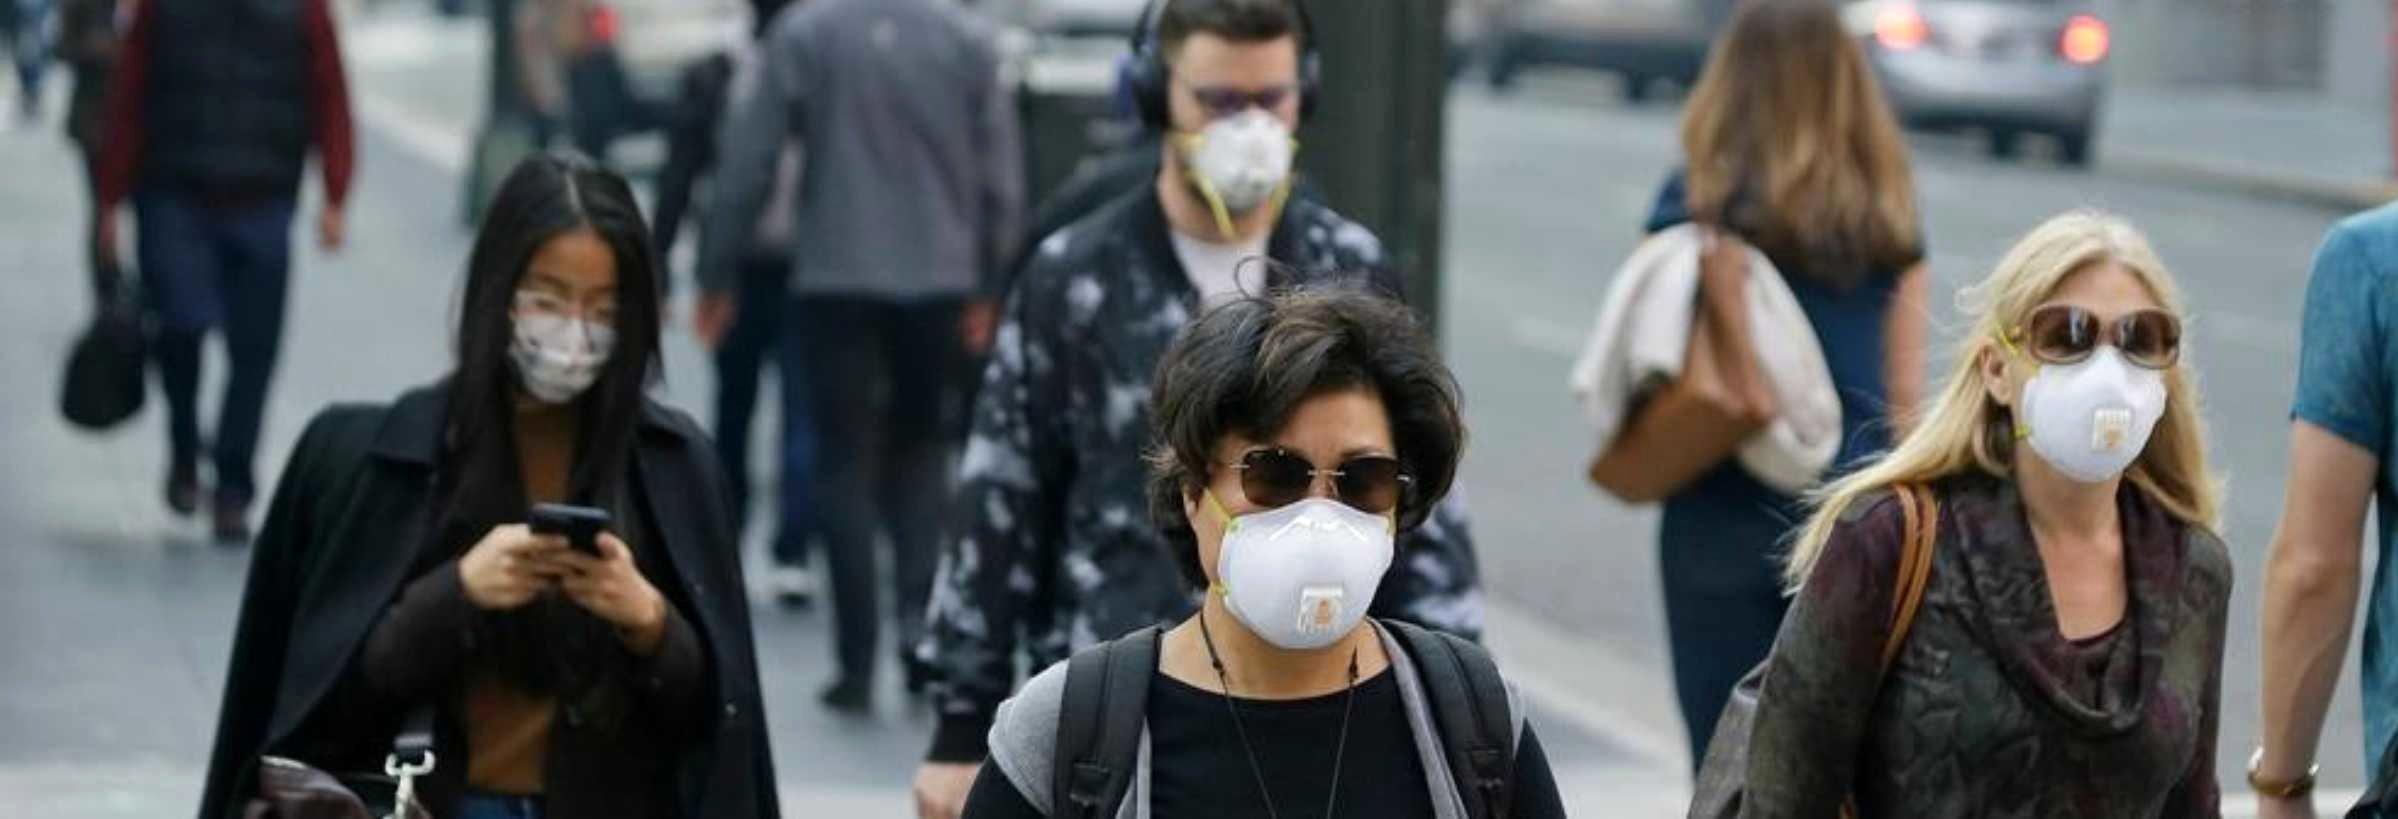 Mensen met mondmaskers op staat